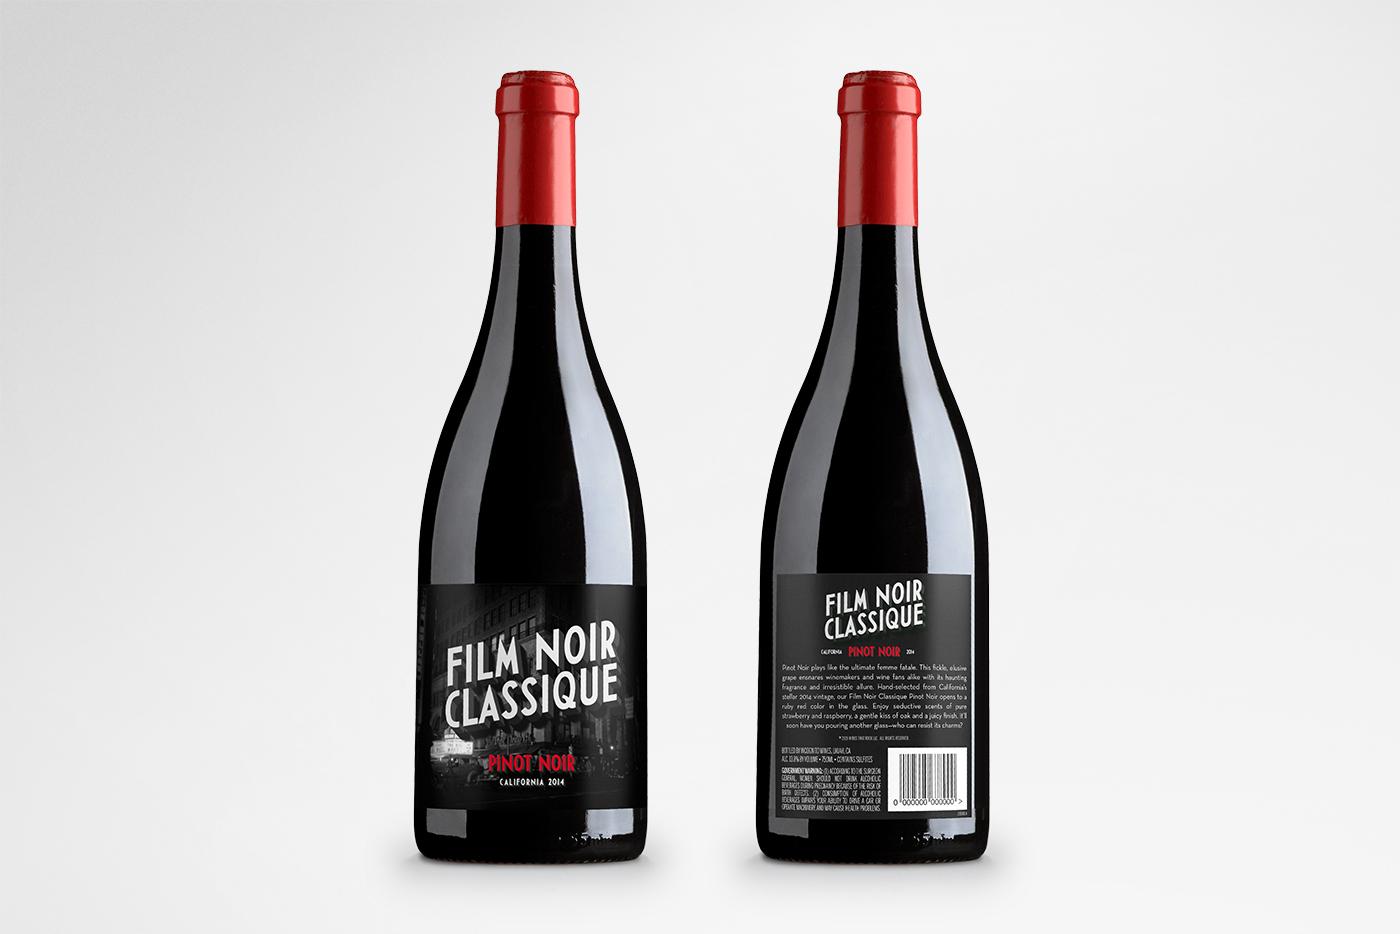 Wines That Rock – Film Noir Classique